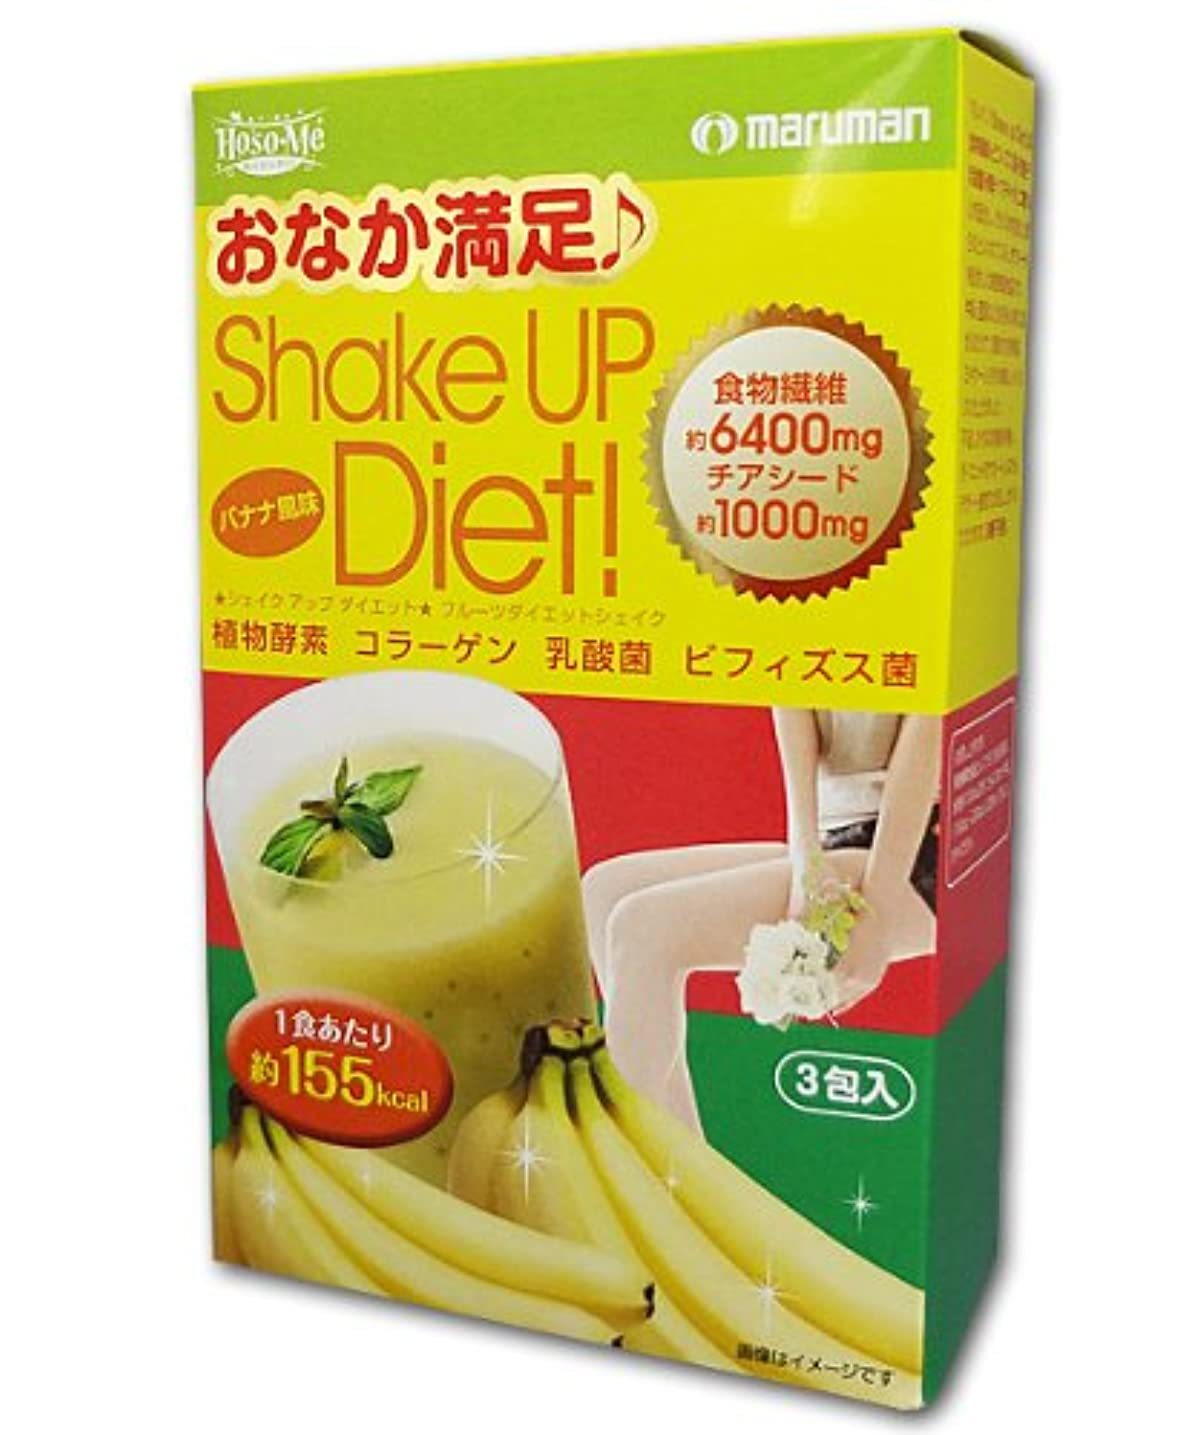 第三華氏ピースマルマン シェイクアップダイエット バナナ風味 3包入